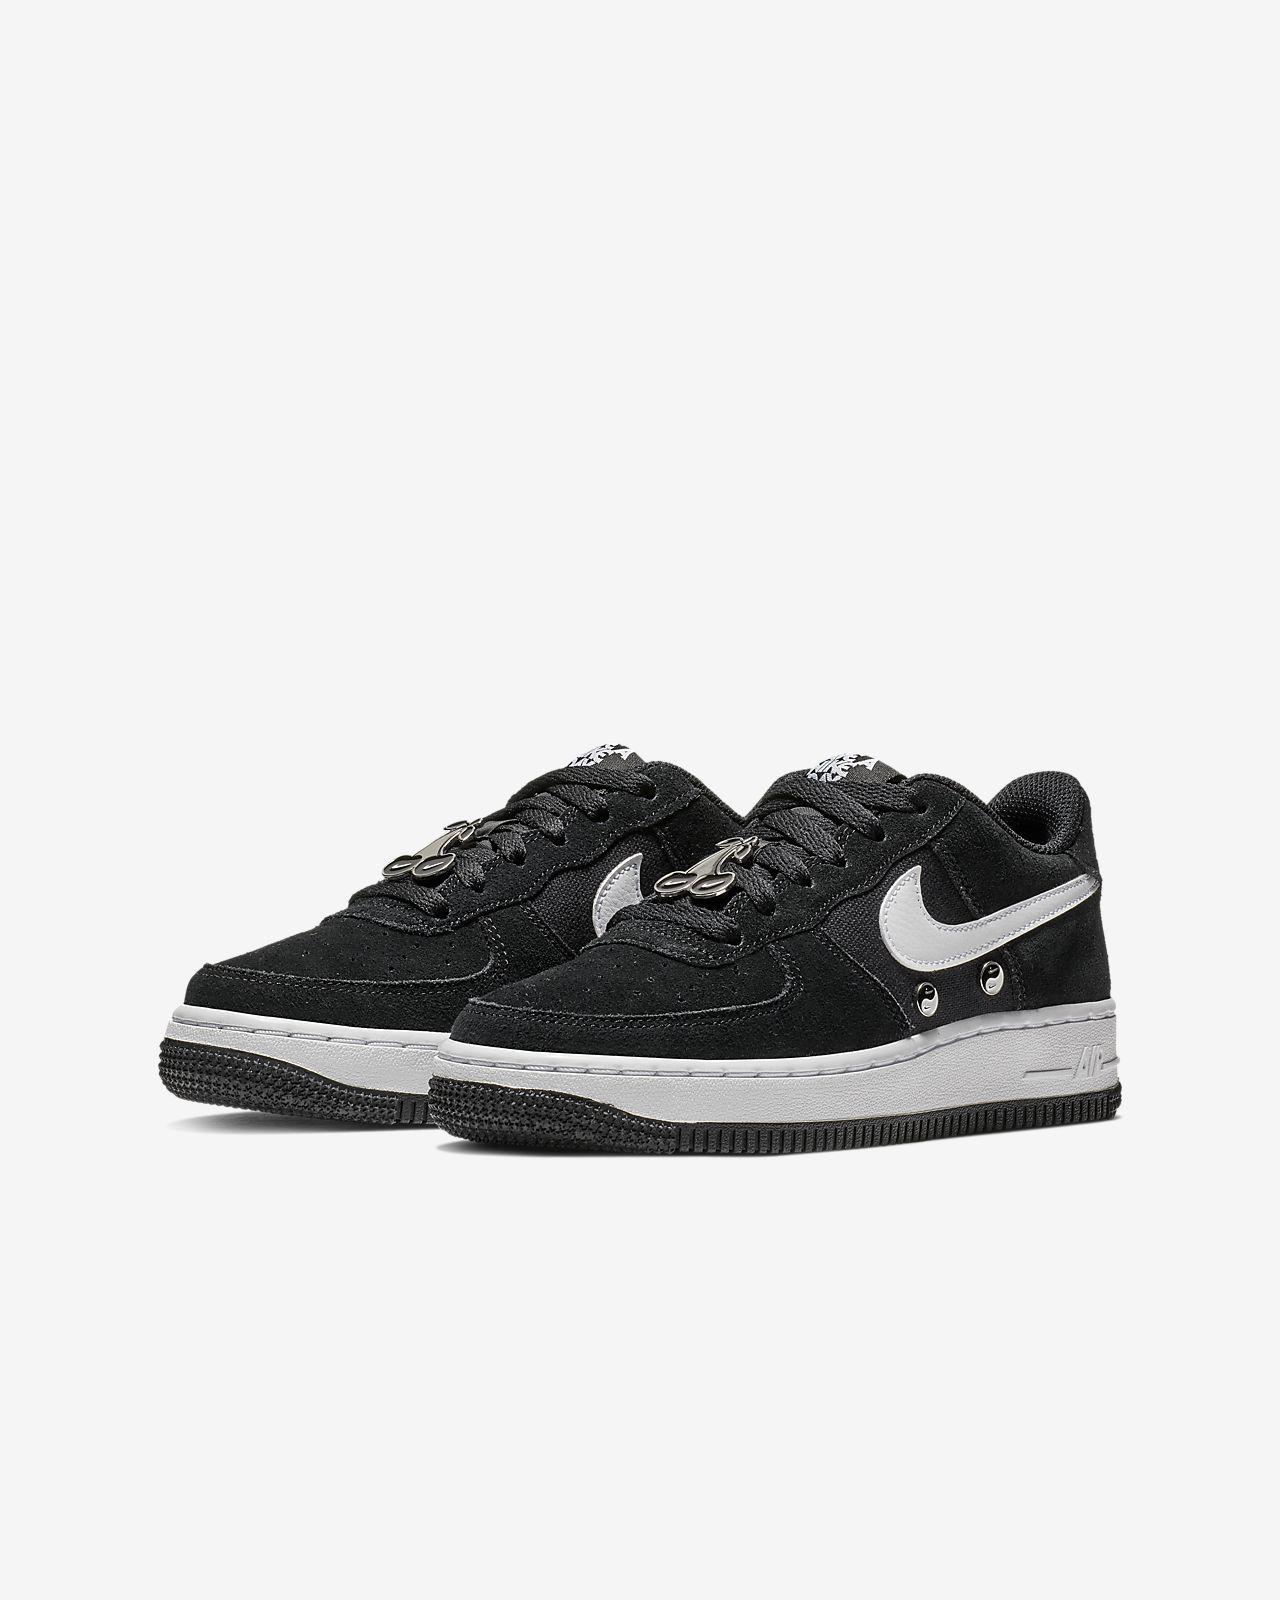 nouveau concept 11c9f 8c8a6 Nike Air Force 1 LV8 Older Kids' Shoe